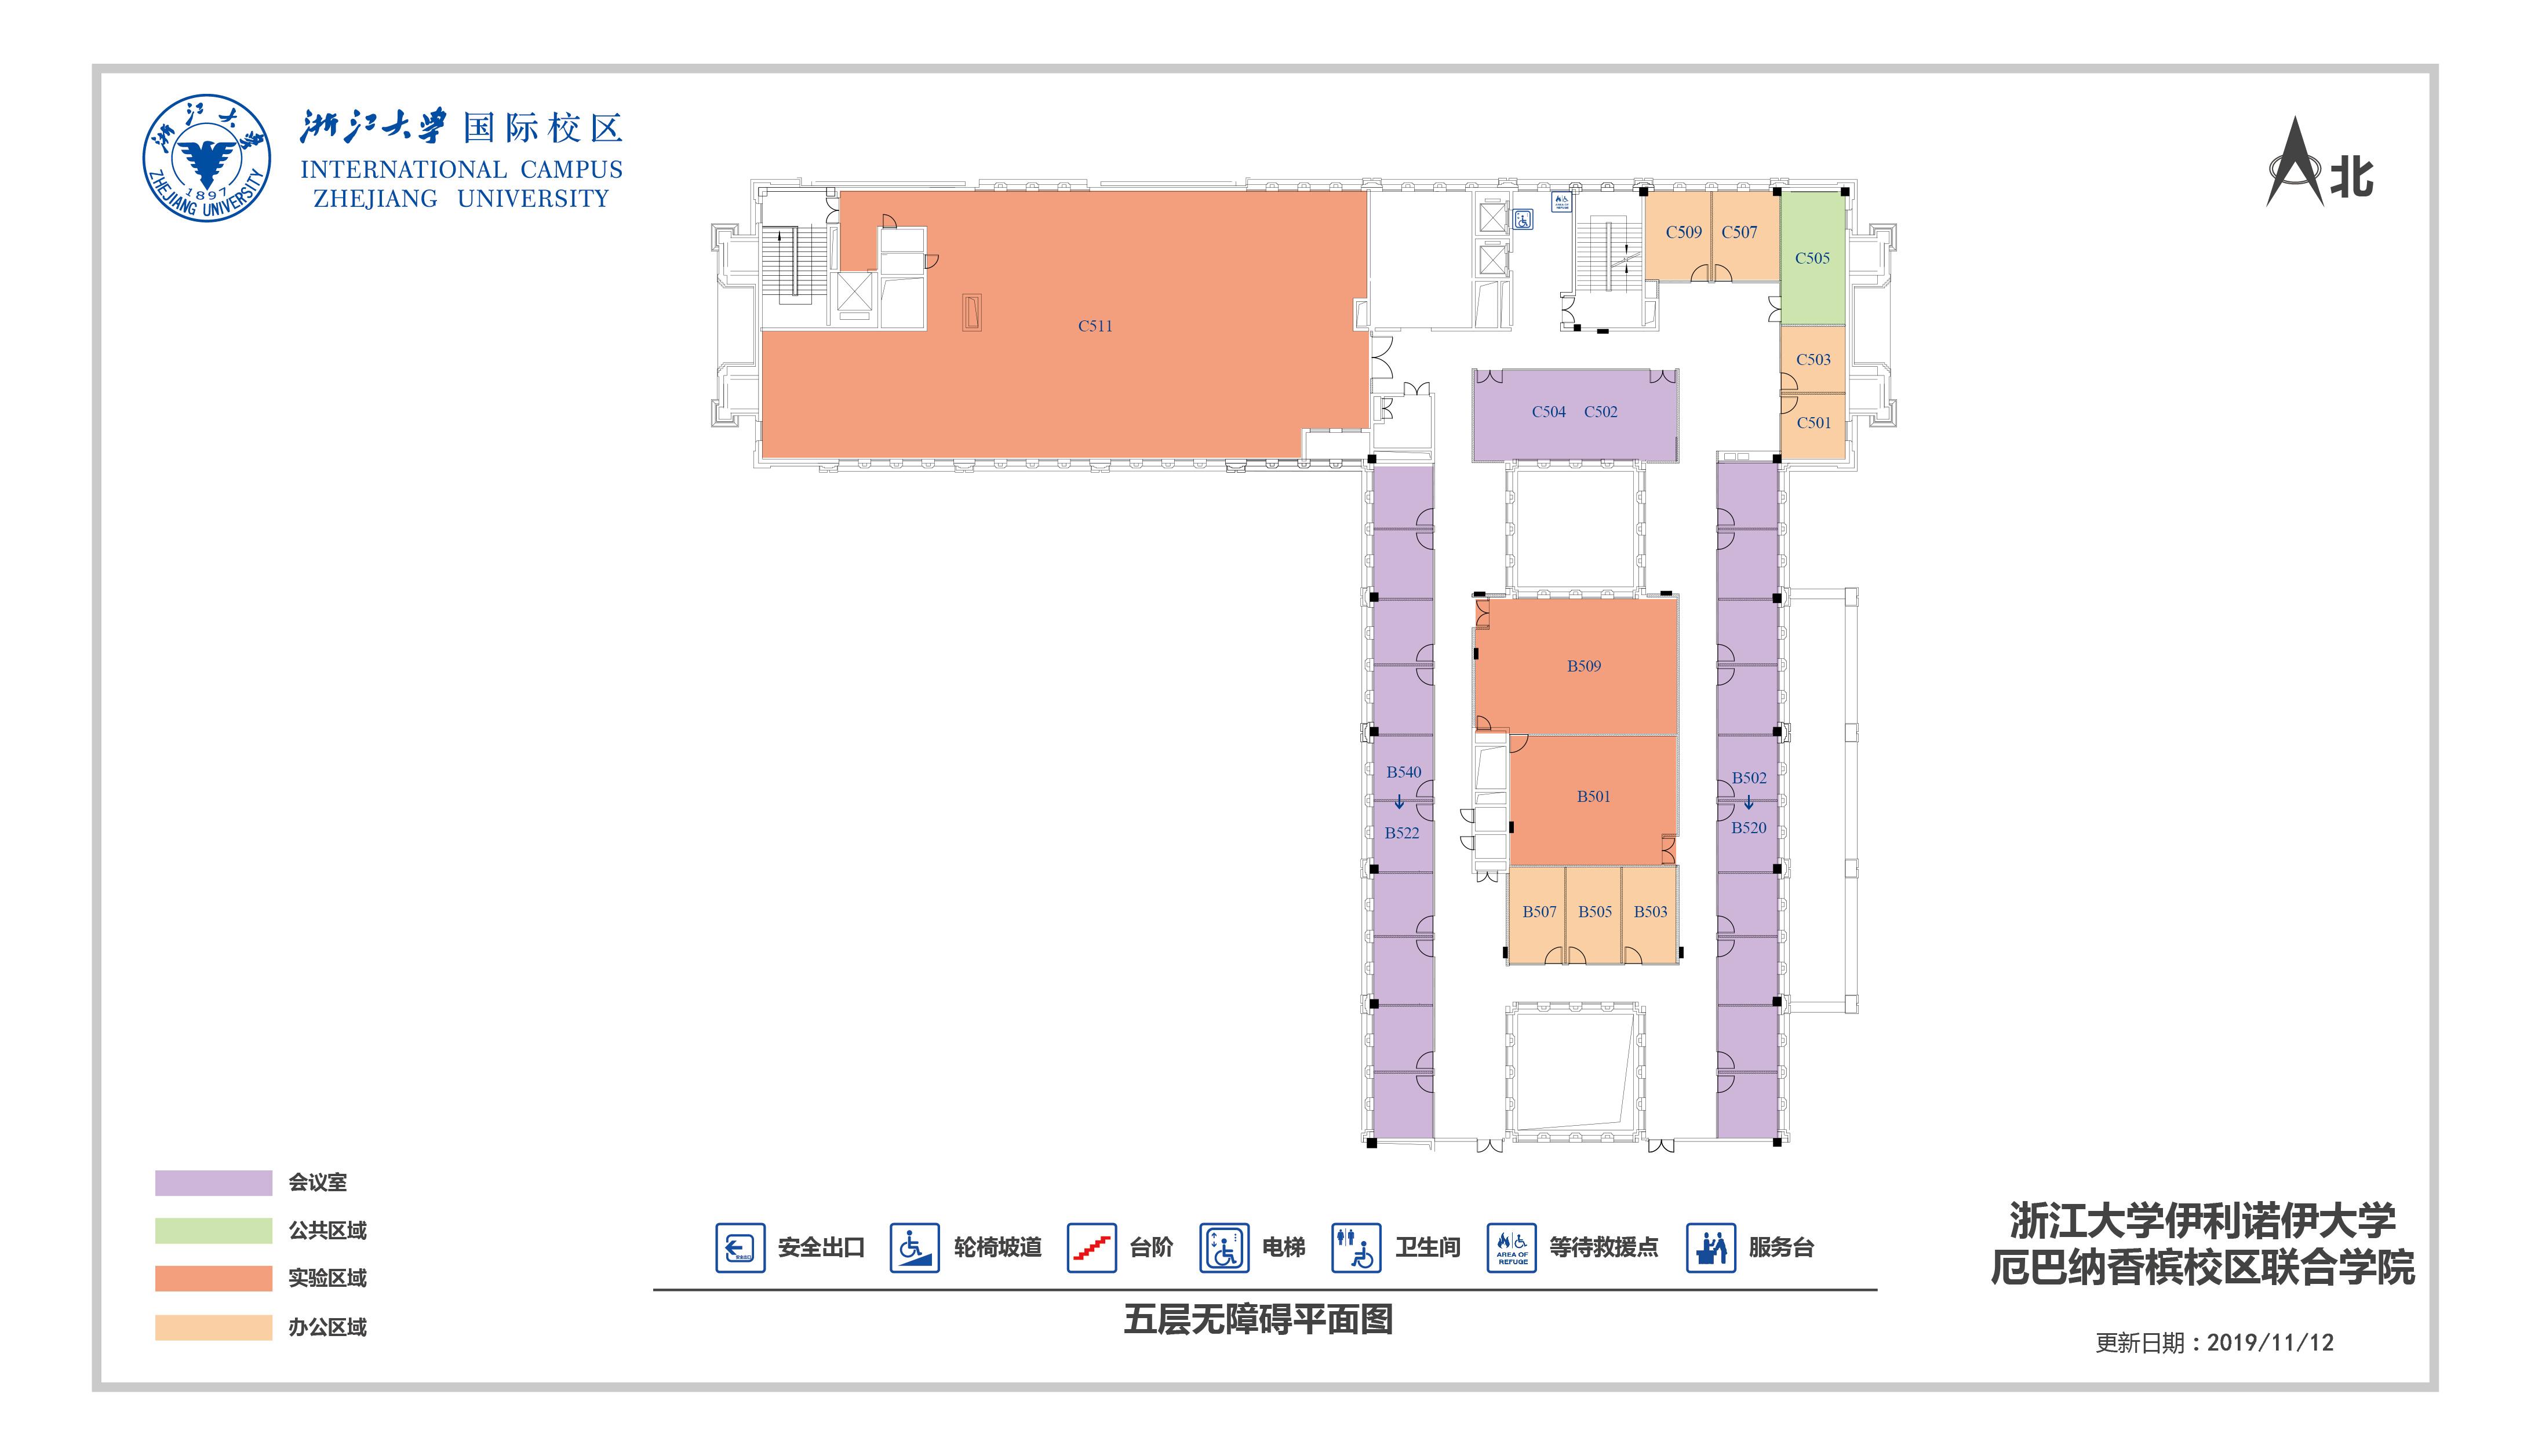 ZJUI无障碍设施五层平面图.jpg